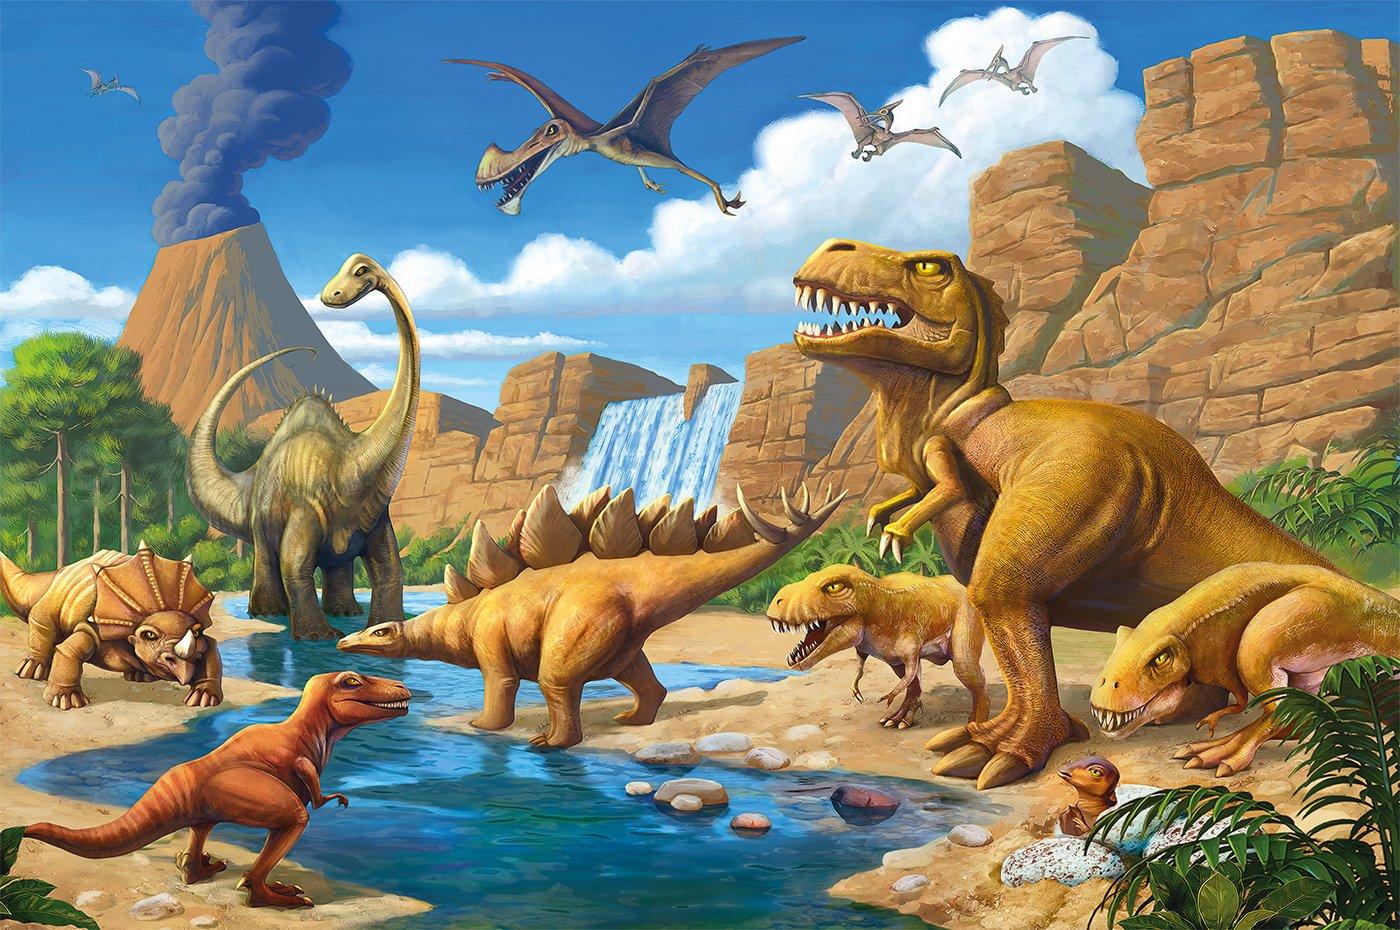 Amazon.de: Poster Kinderzimmer Abenteuer Dinosaurier - Wandbild ...